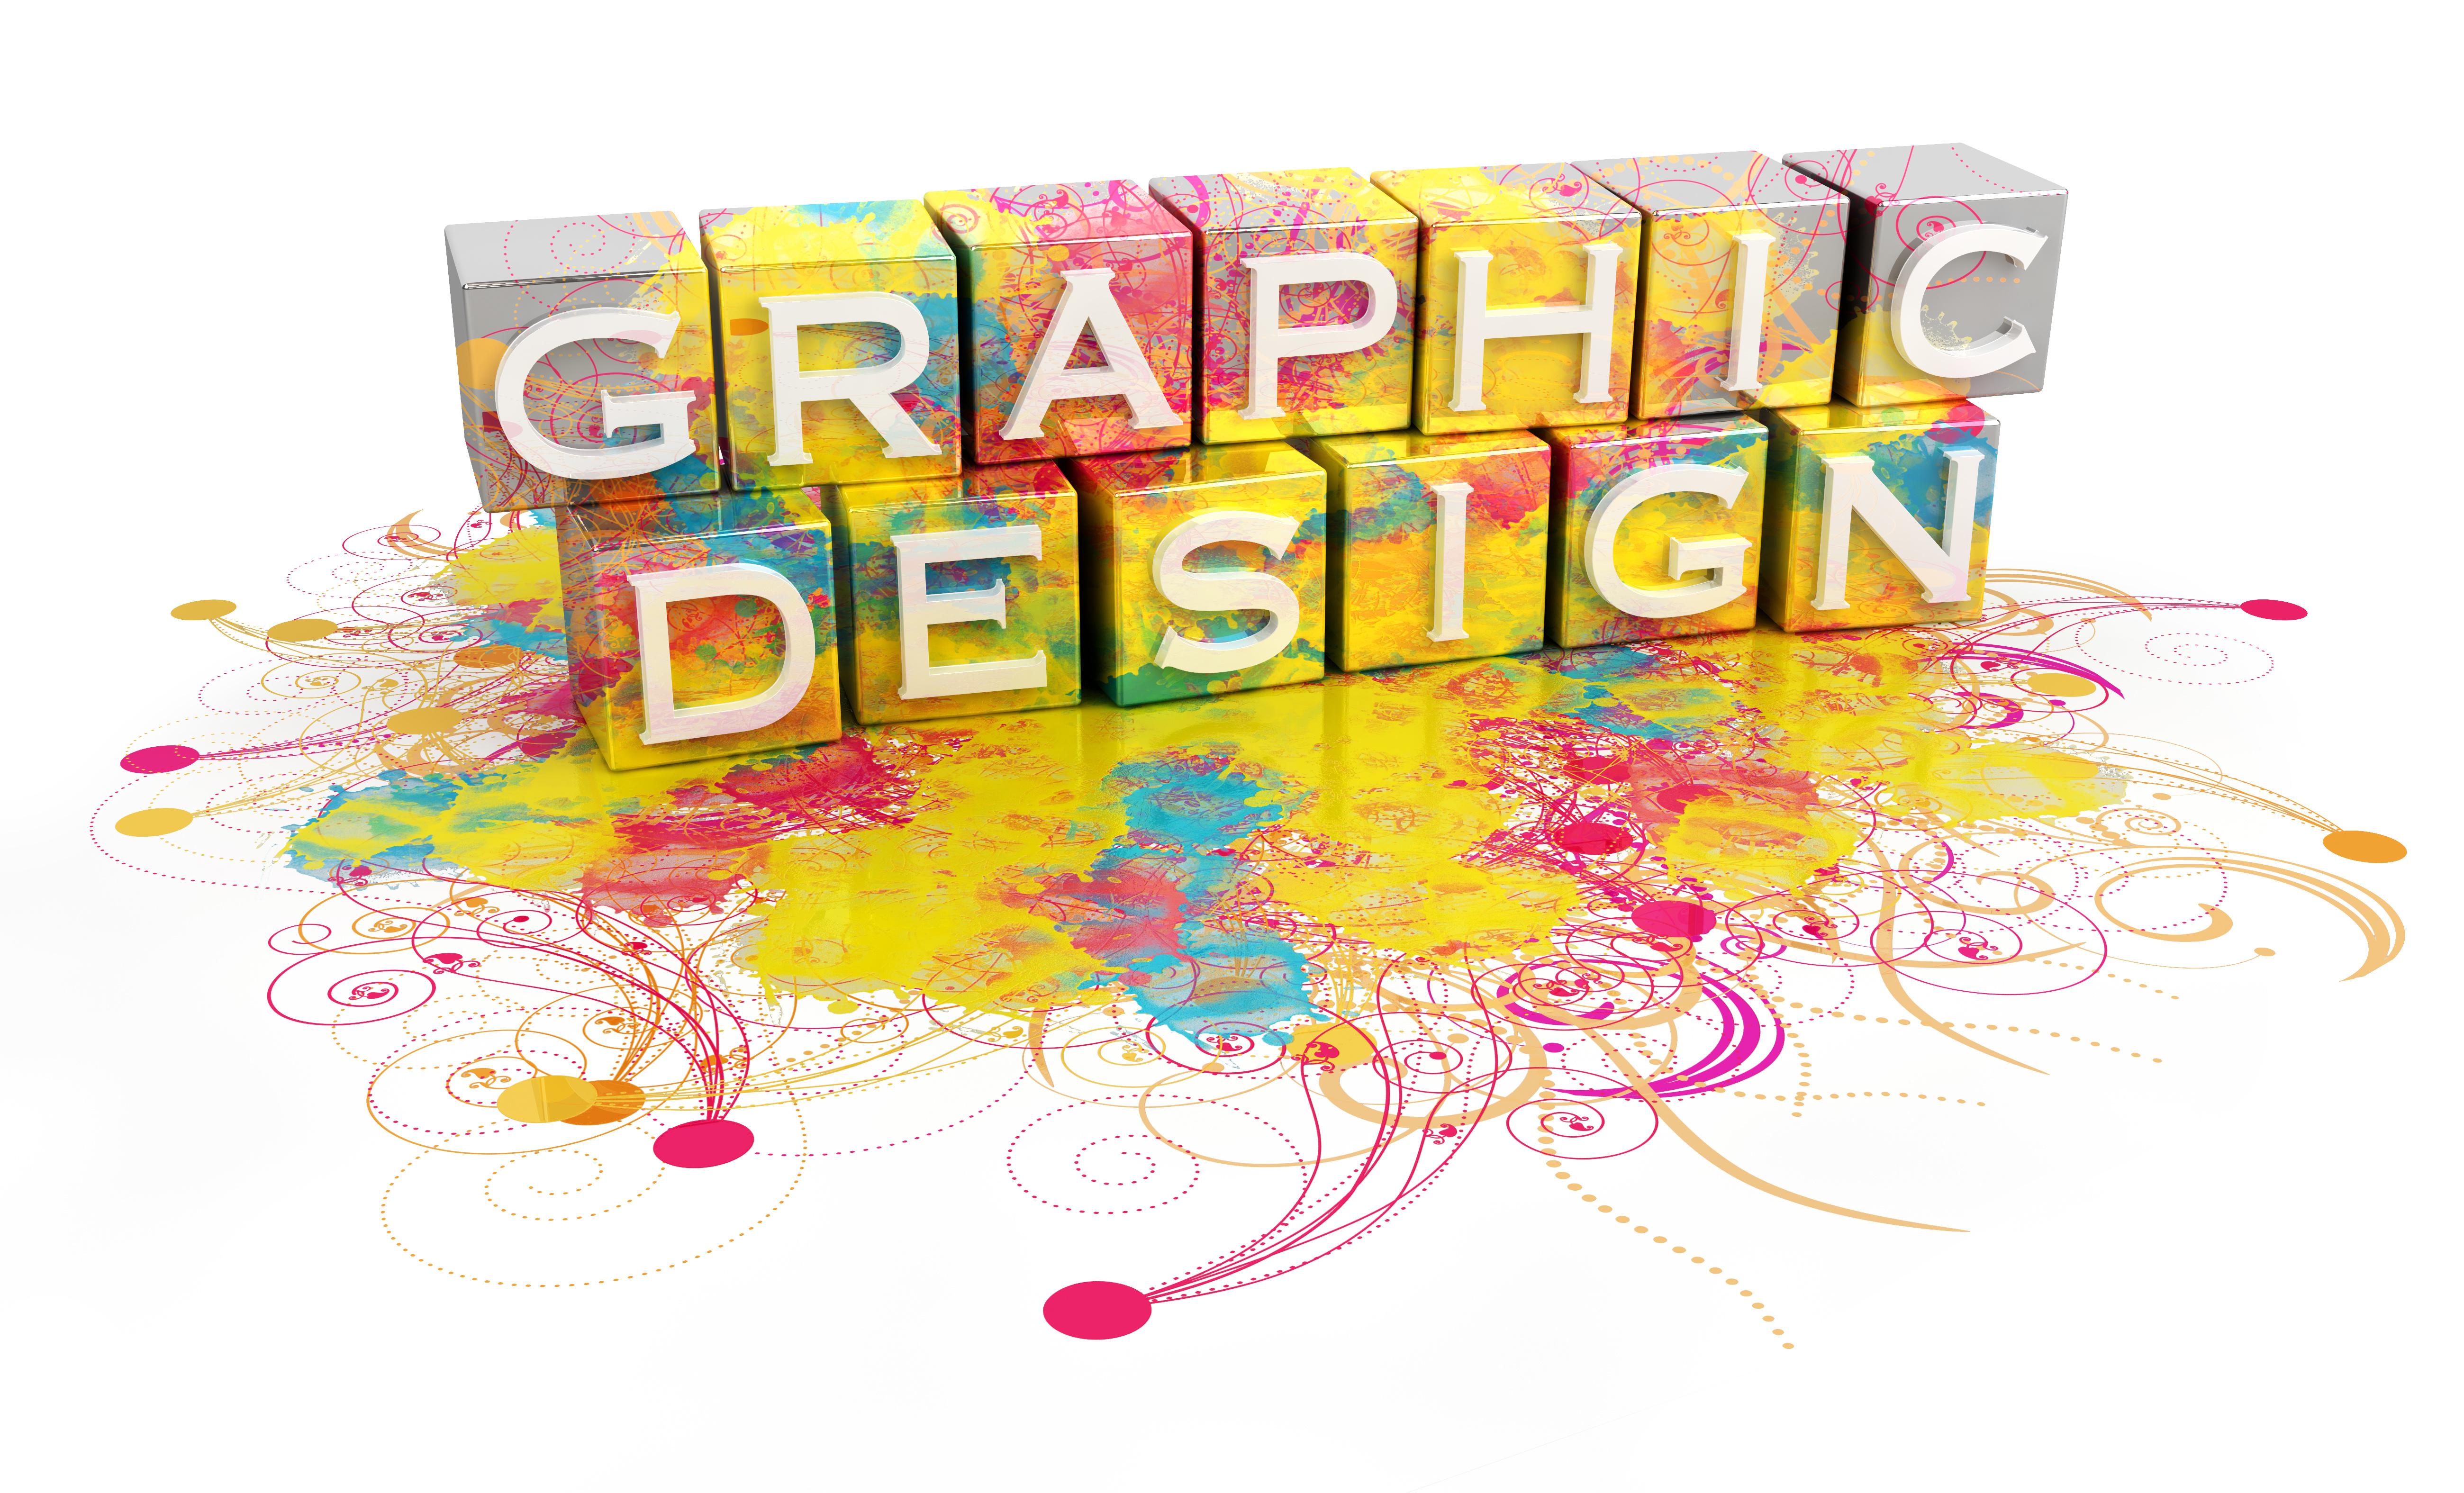 https://0901.nccdn.net/4_2/000/000/064/d40/AdobeStock_84841662-5200x3151.jpg